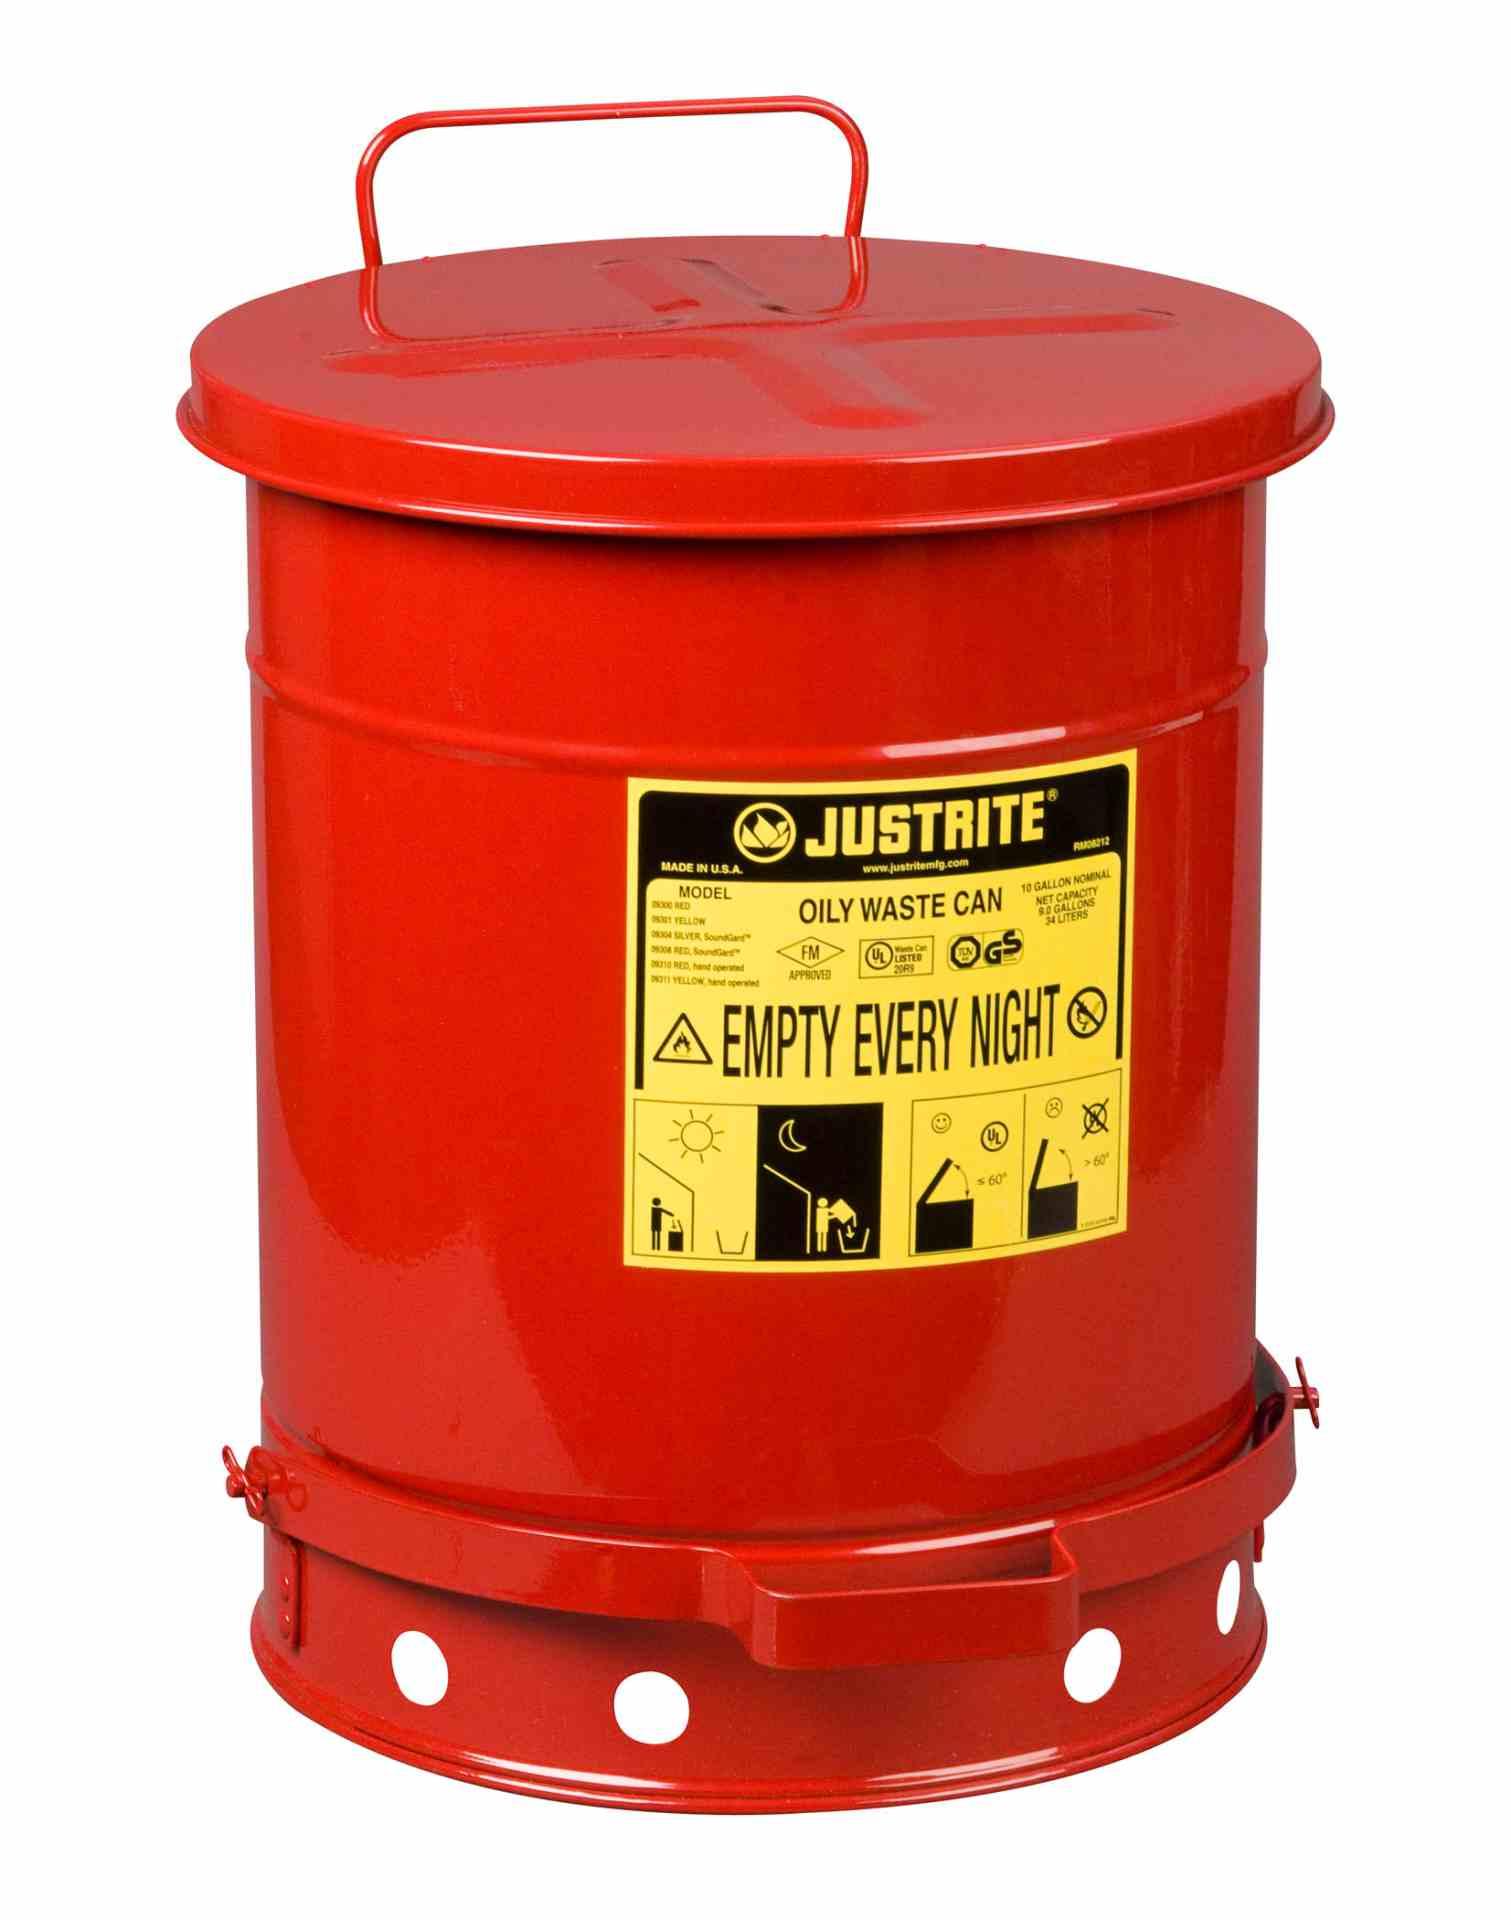 Pojemnik na odpady zaolejone, dźwignia nożna, czerwony 34 l.